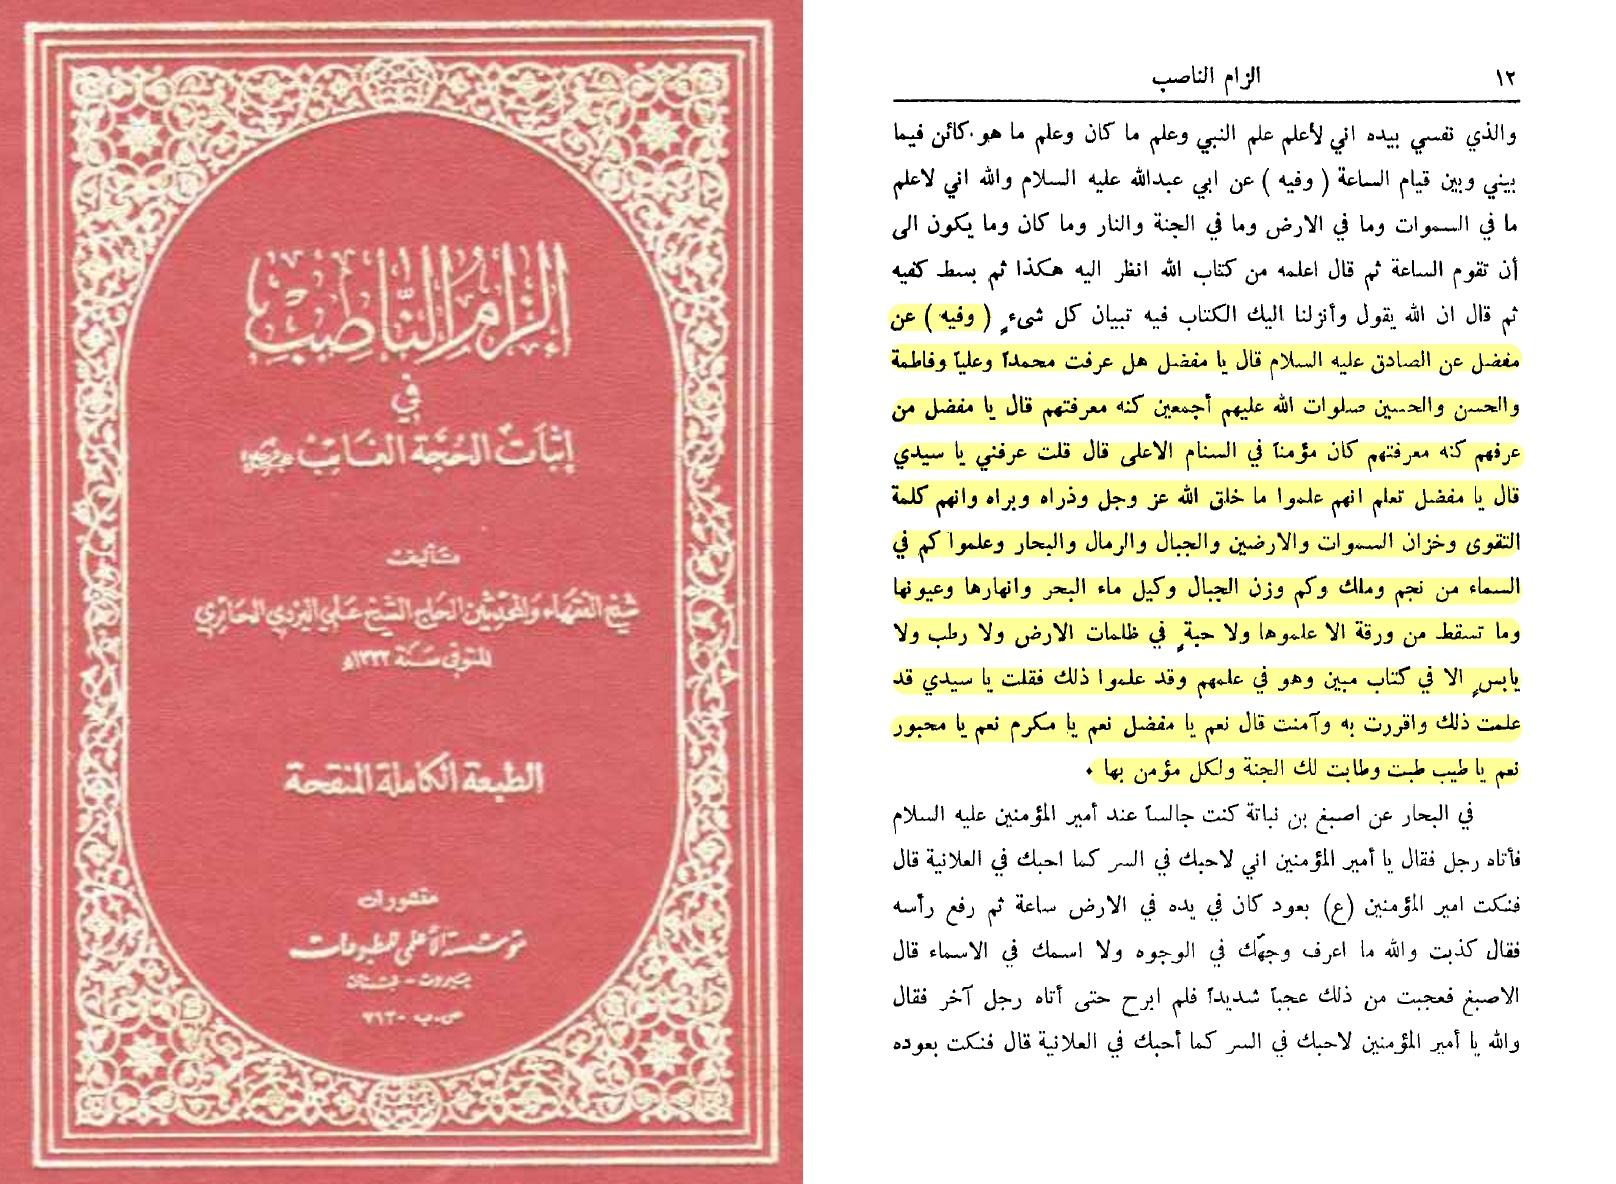 elzam-e-naseb-band-1-seite-12